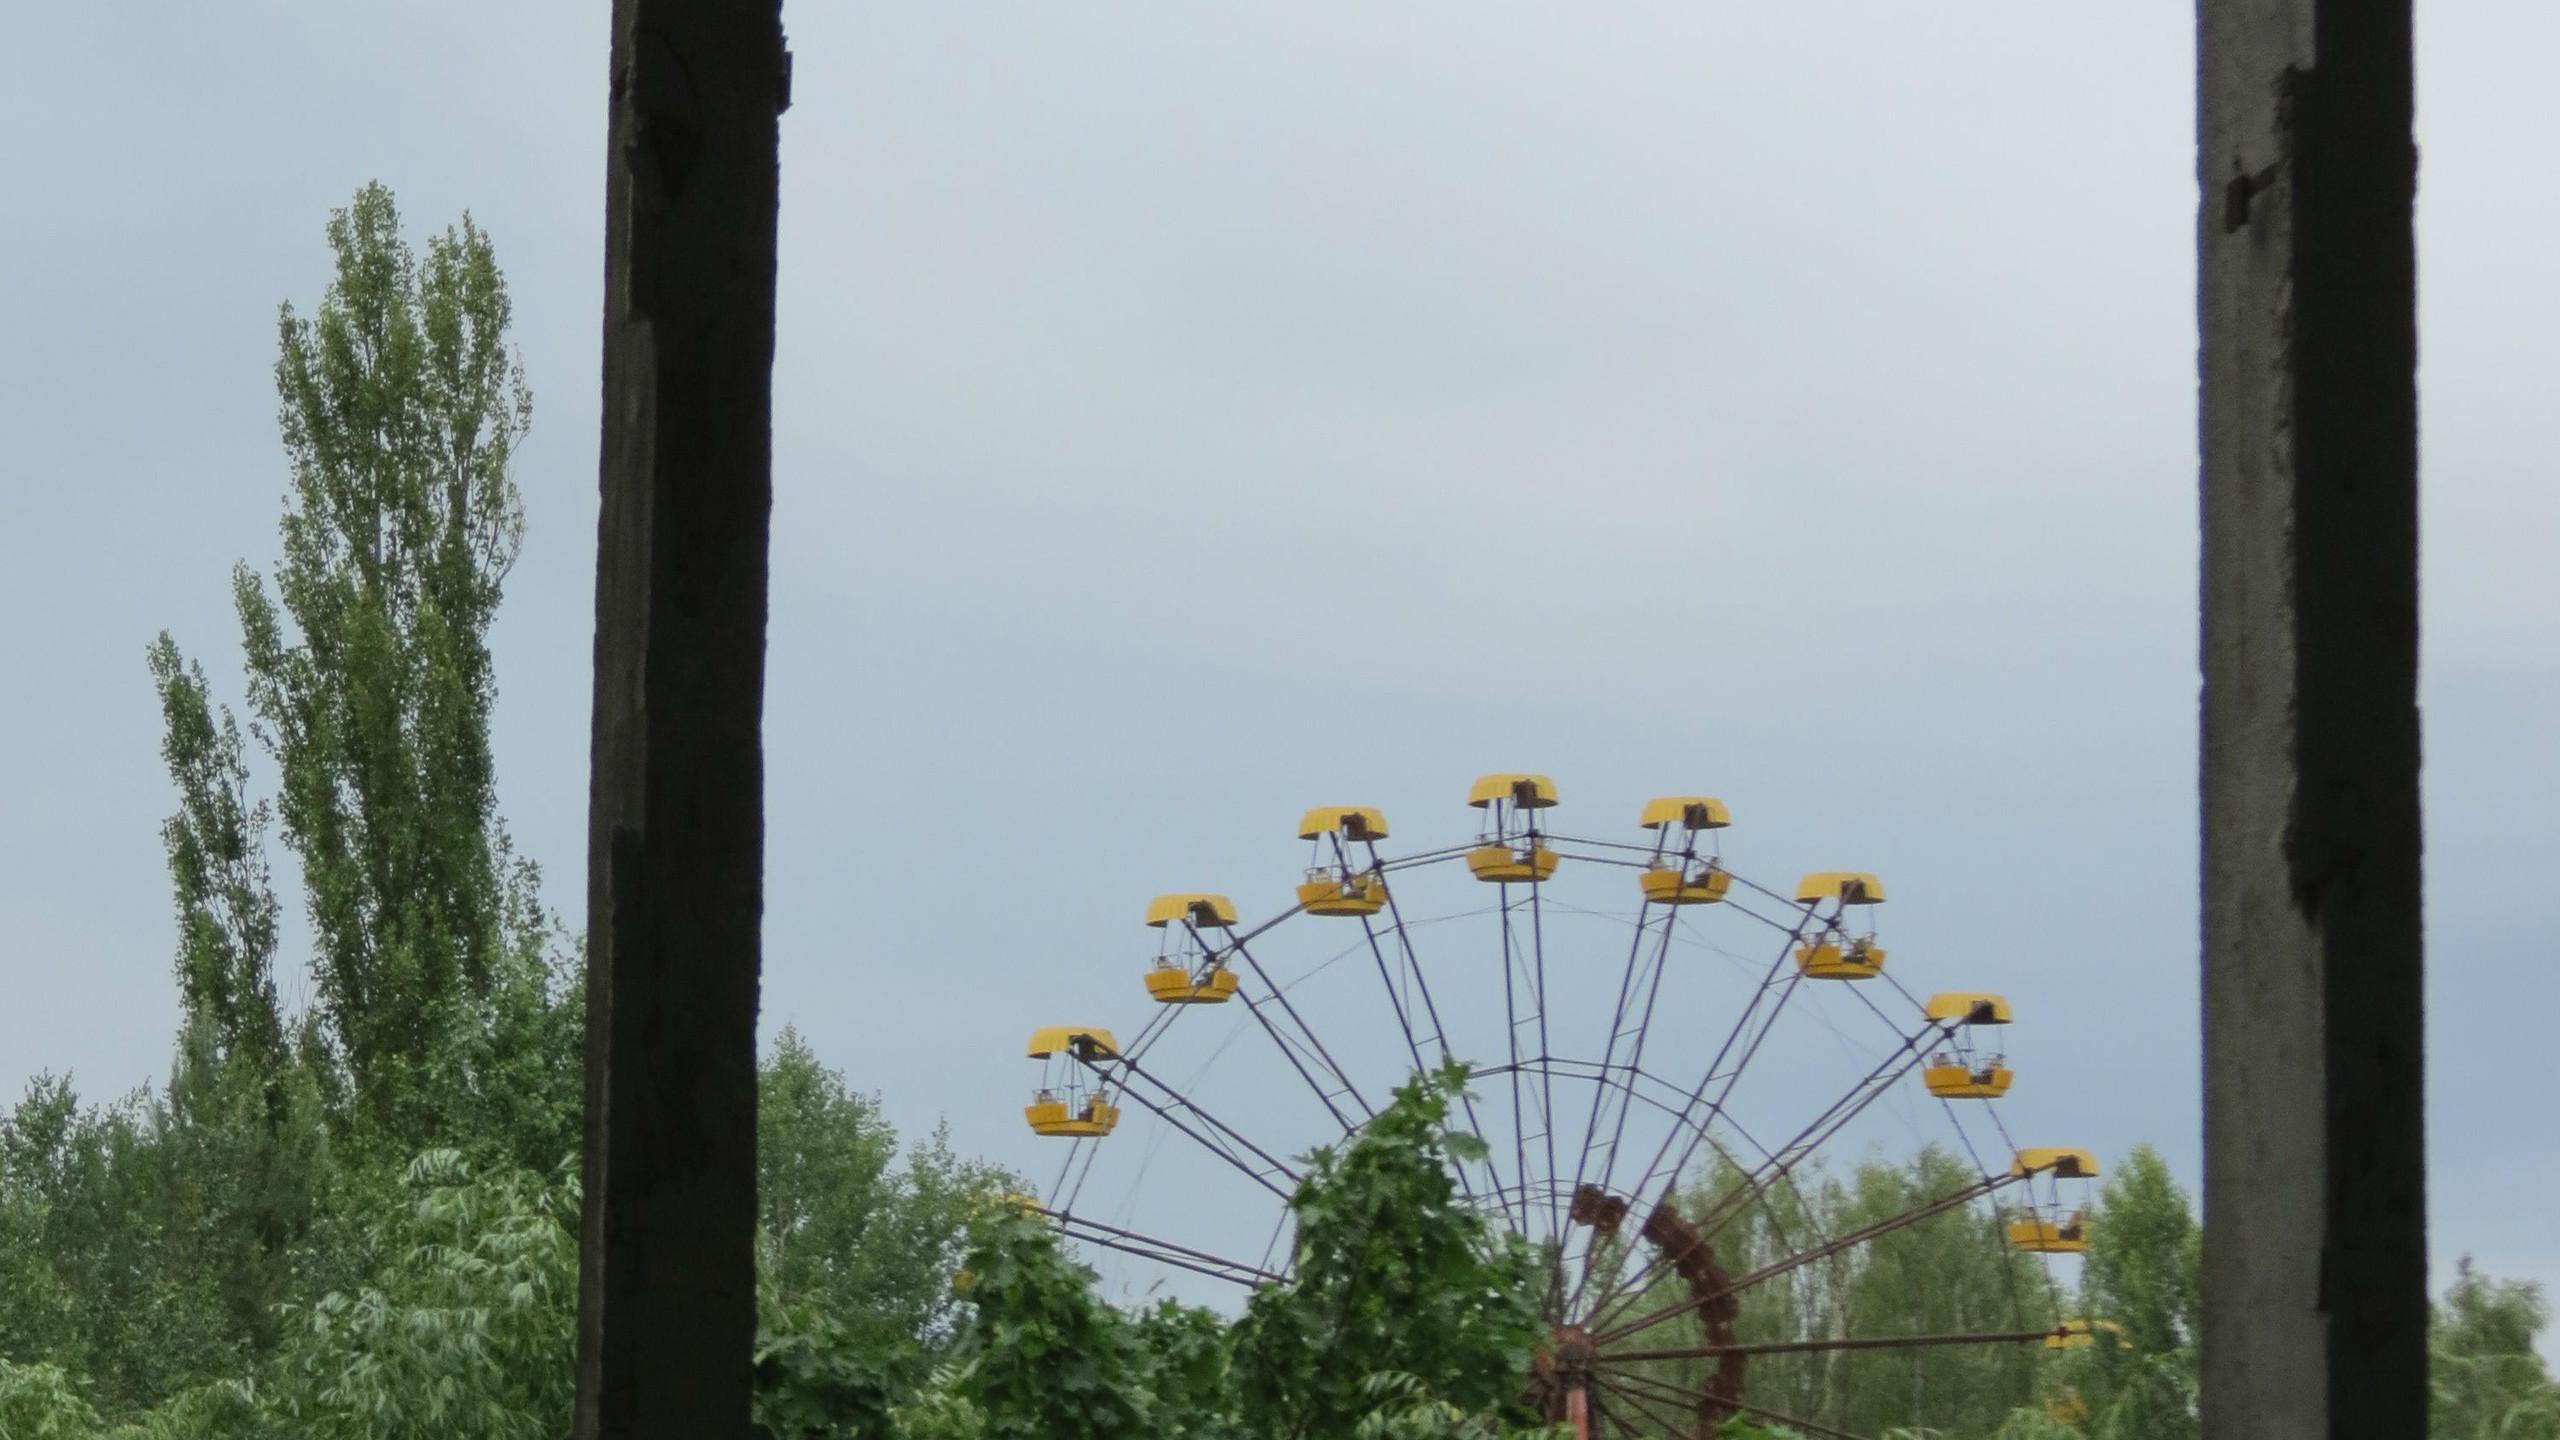 323a - Chernobyl